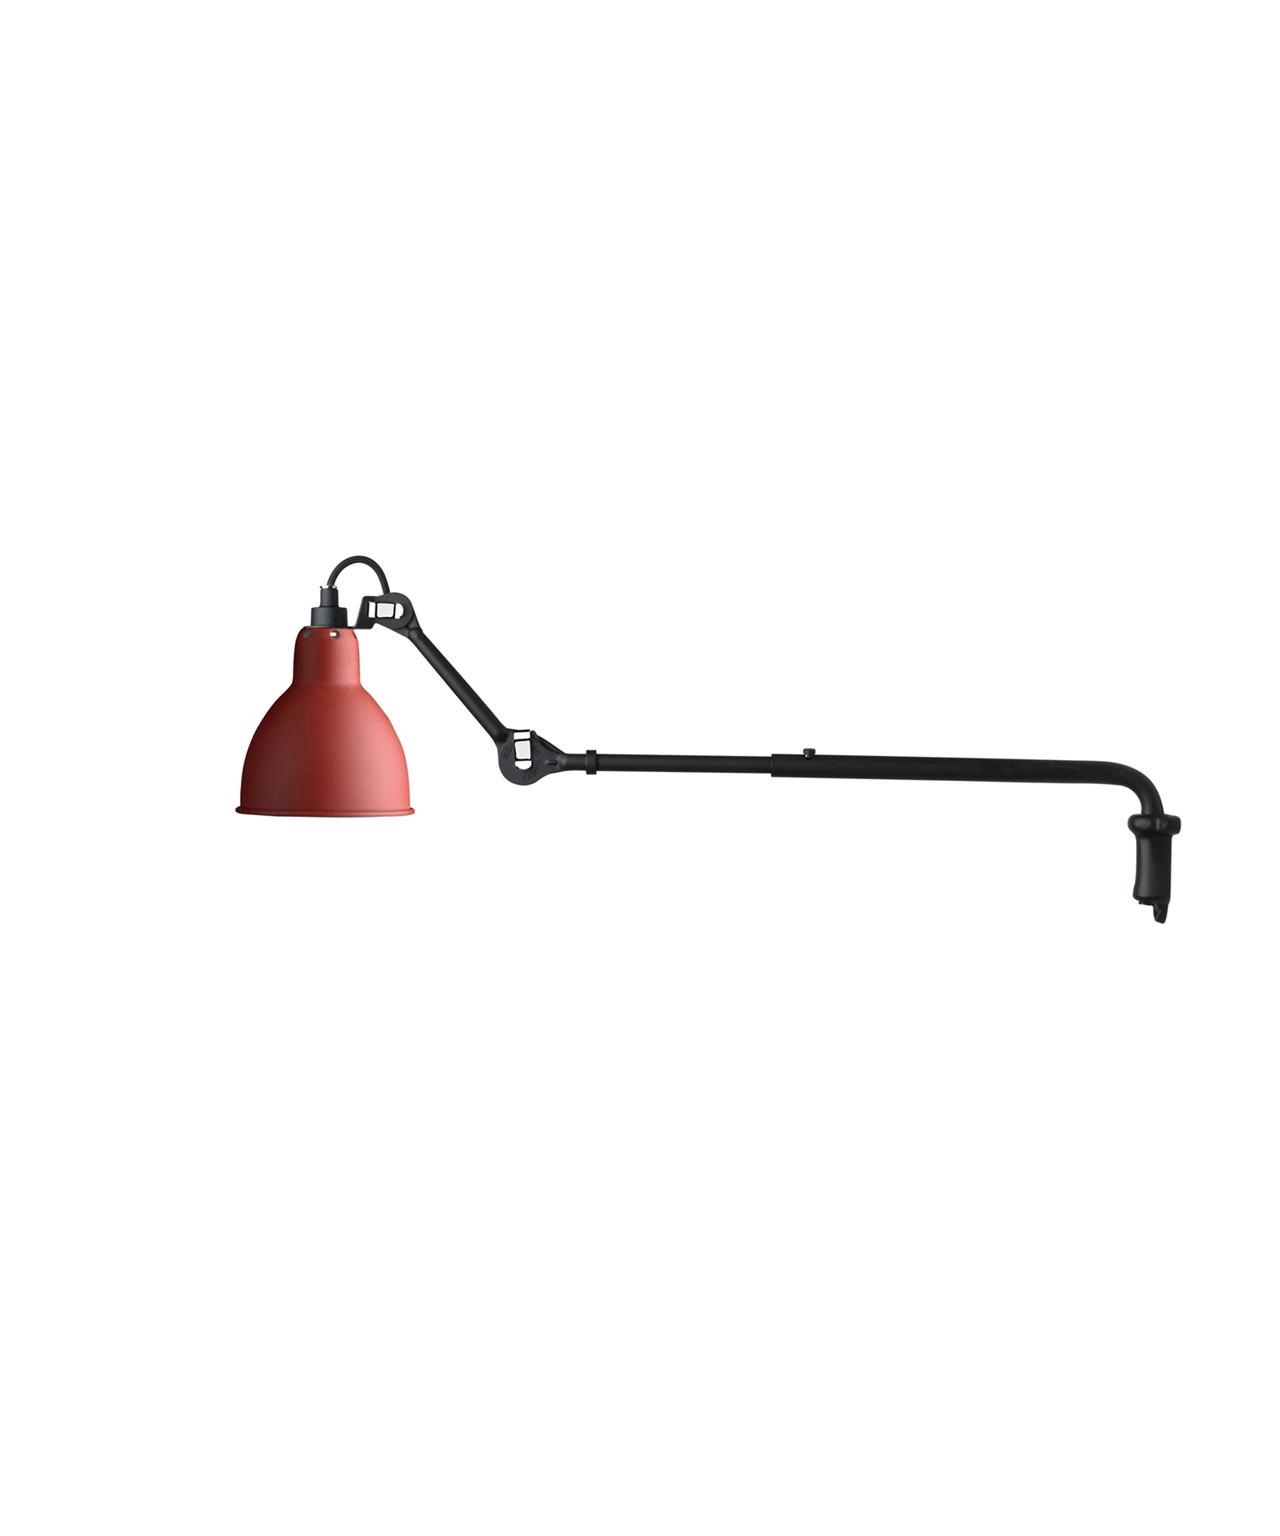 Image of   203 Væglampe Rød - Lampe Gras